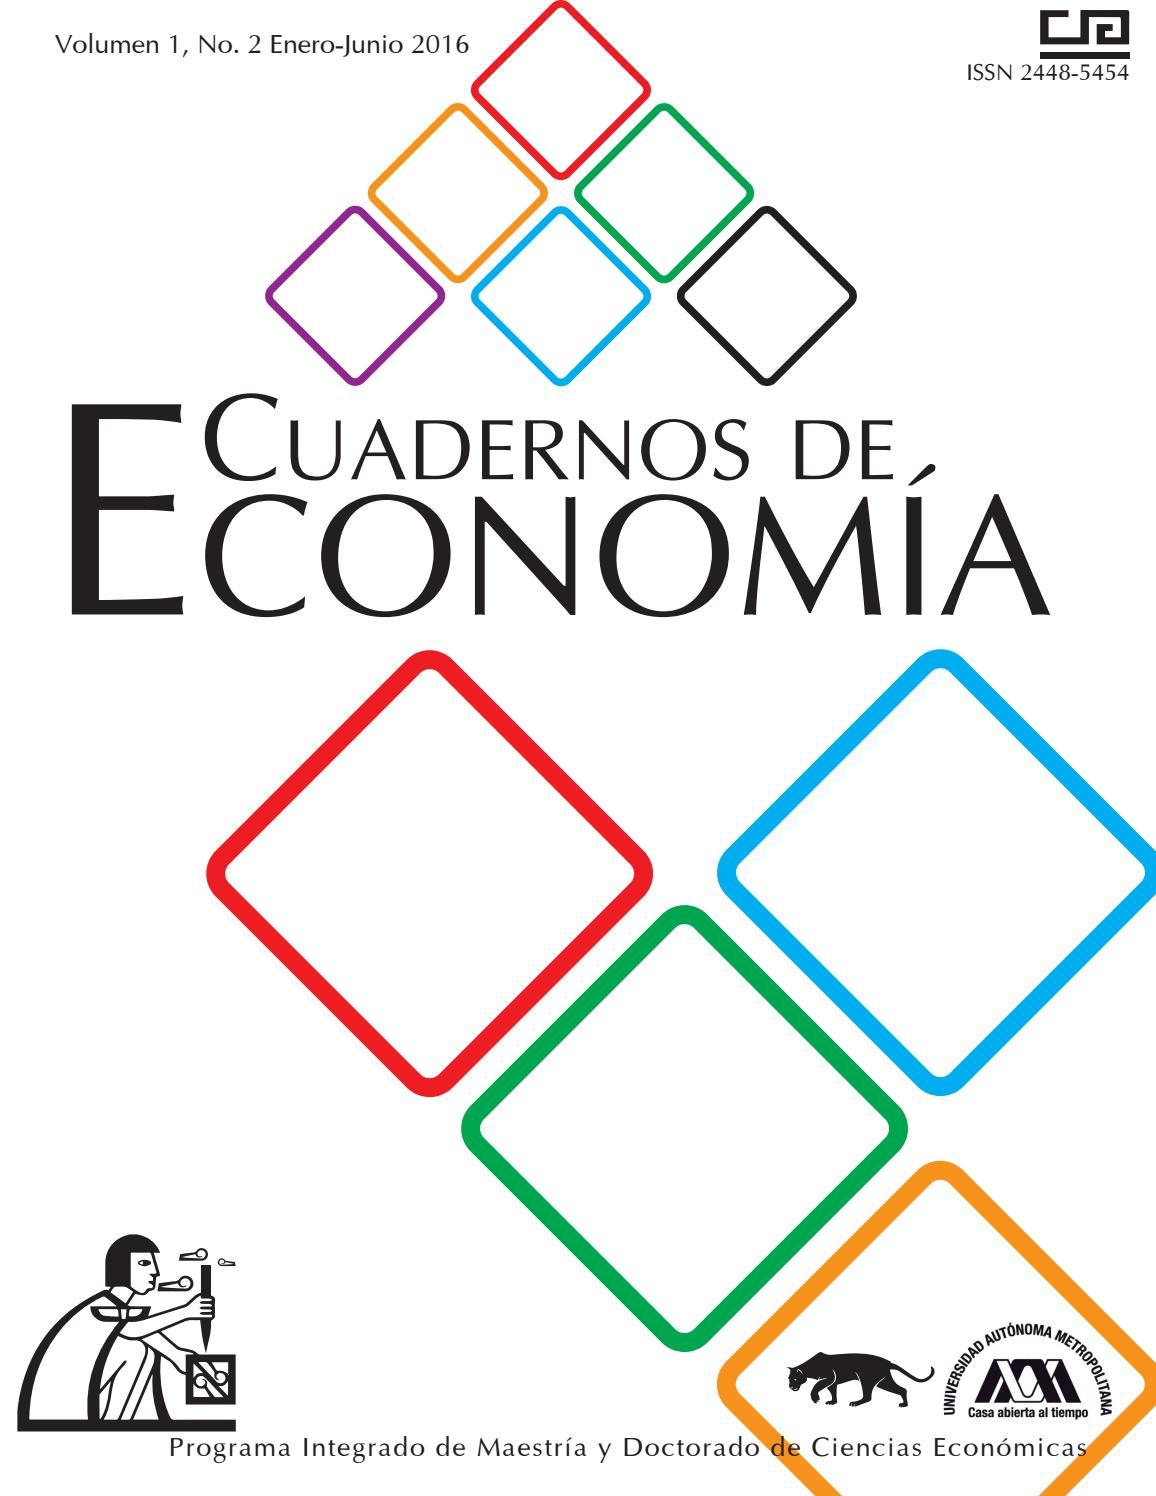 Cuadernos de Economía Volumen 1 No 2 by Cuadernos de Economía - issuu